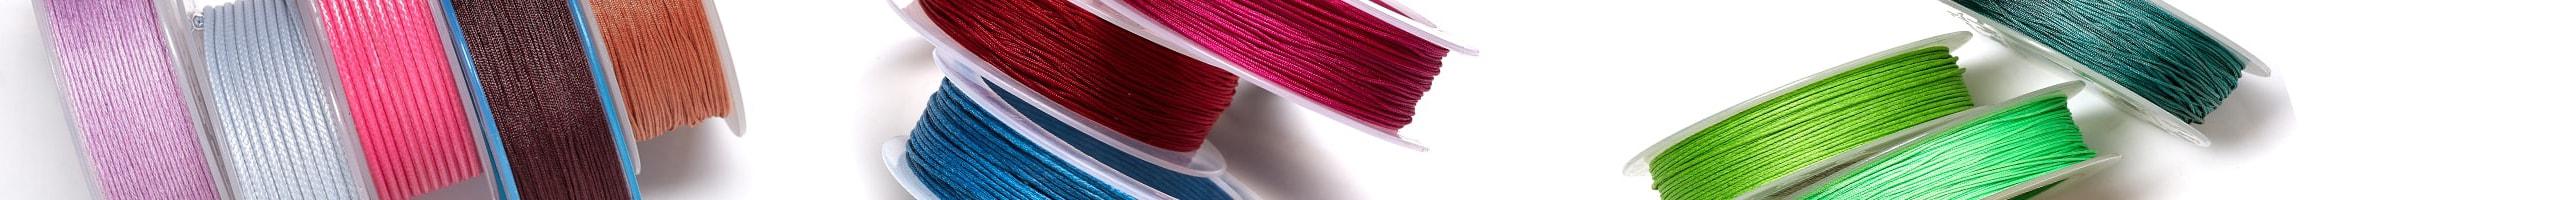 Разноцветные нити шамбала 1,2 мм